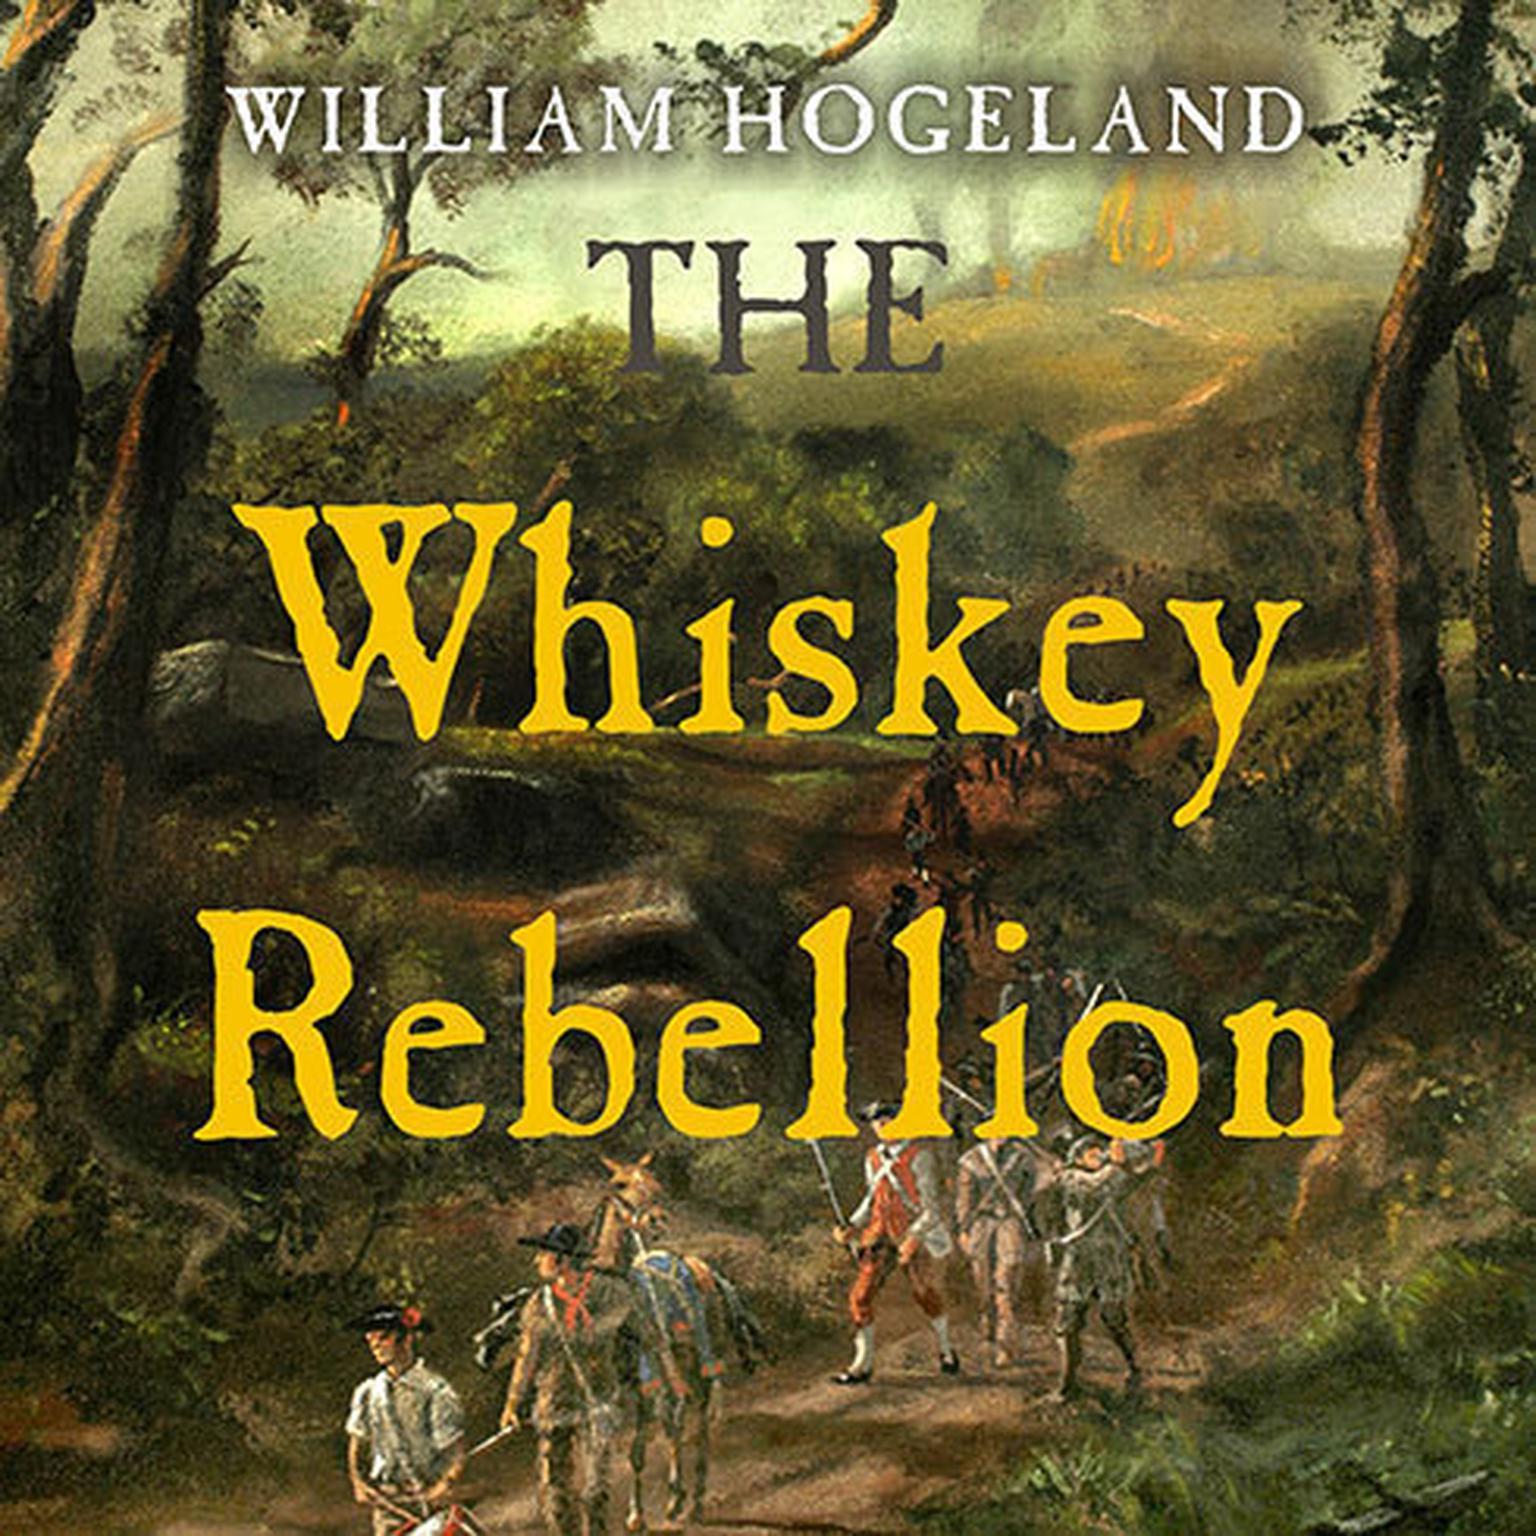 The Whiskey Rebellion  Audiobook  Listen Instantly